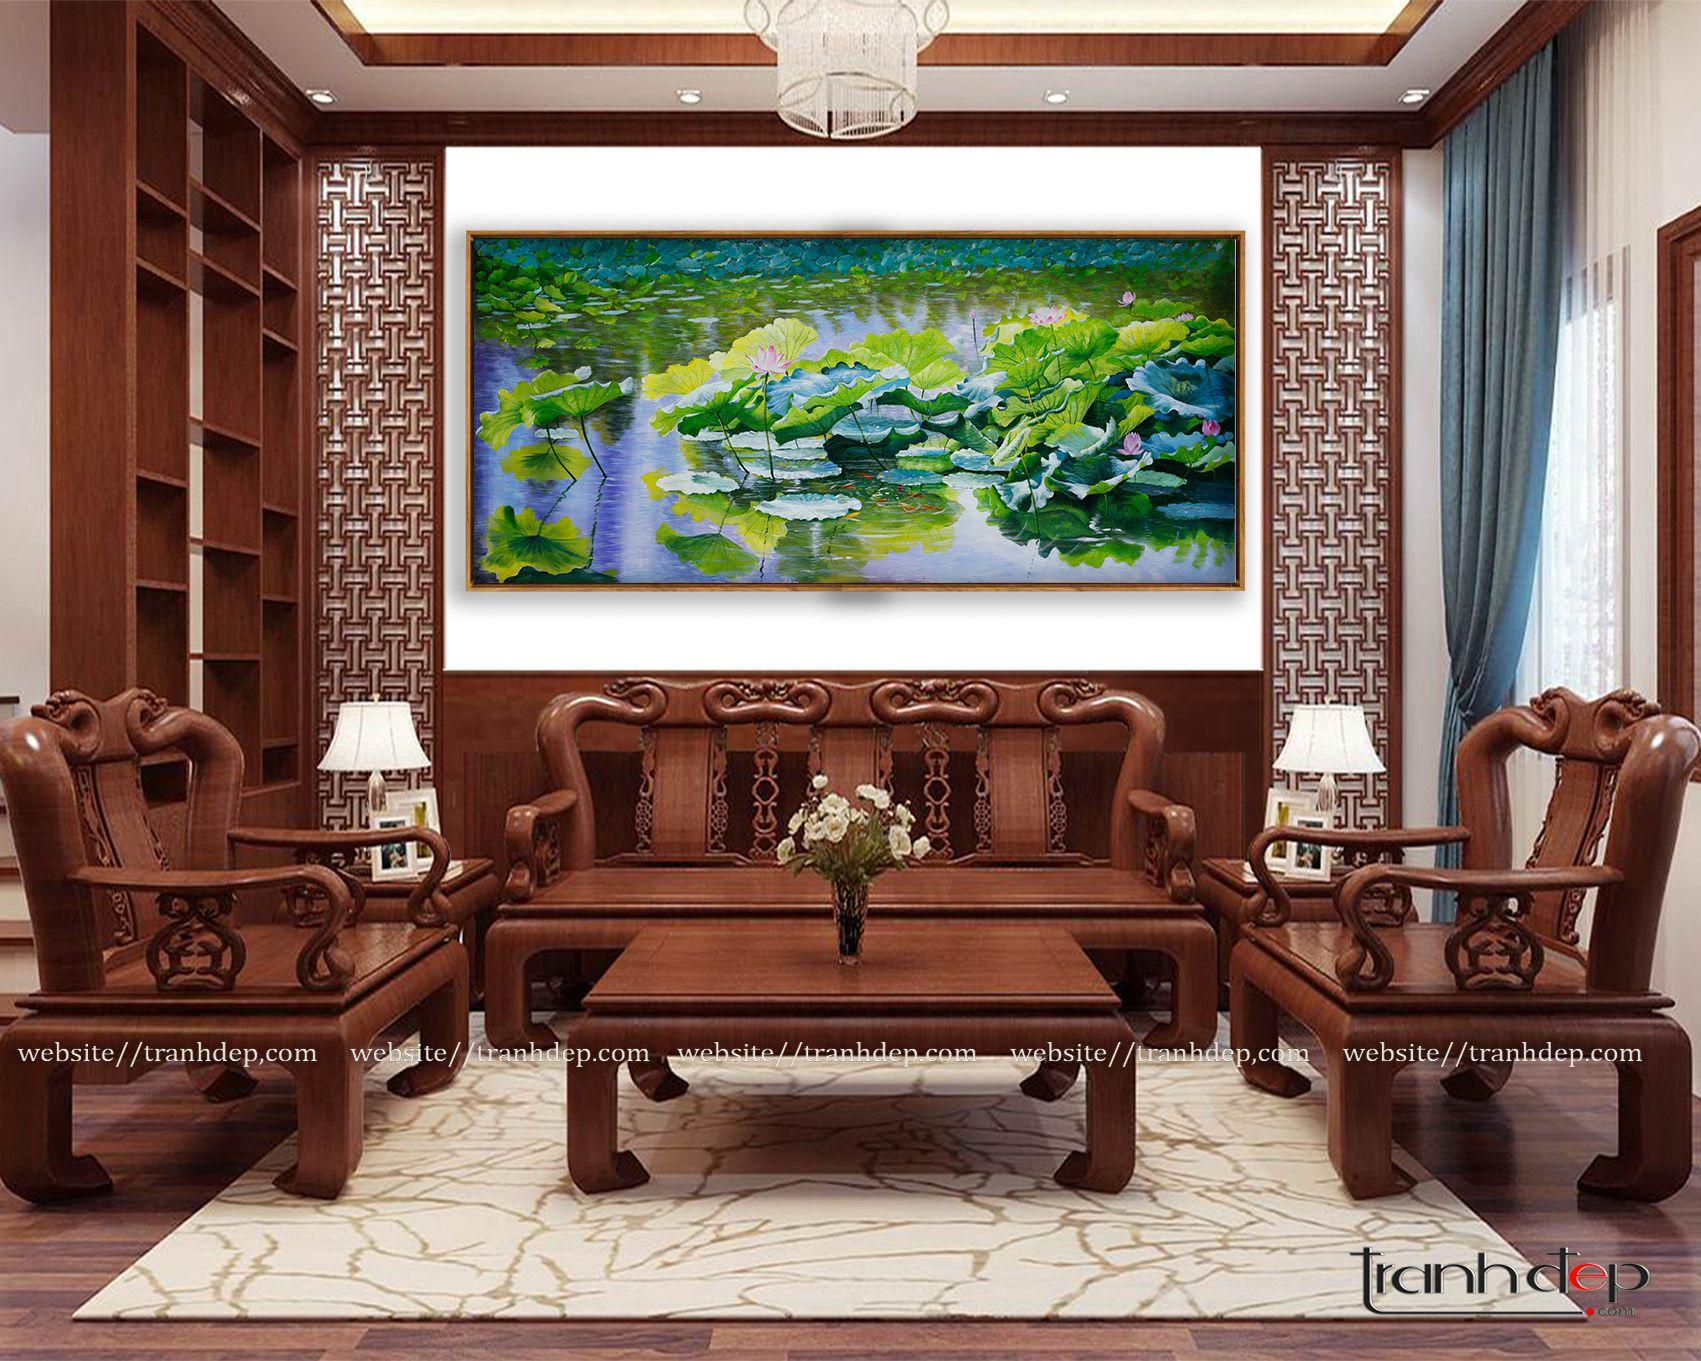 Tranh vẽ hồ sen truyền thống